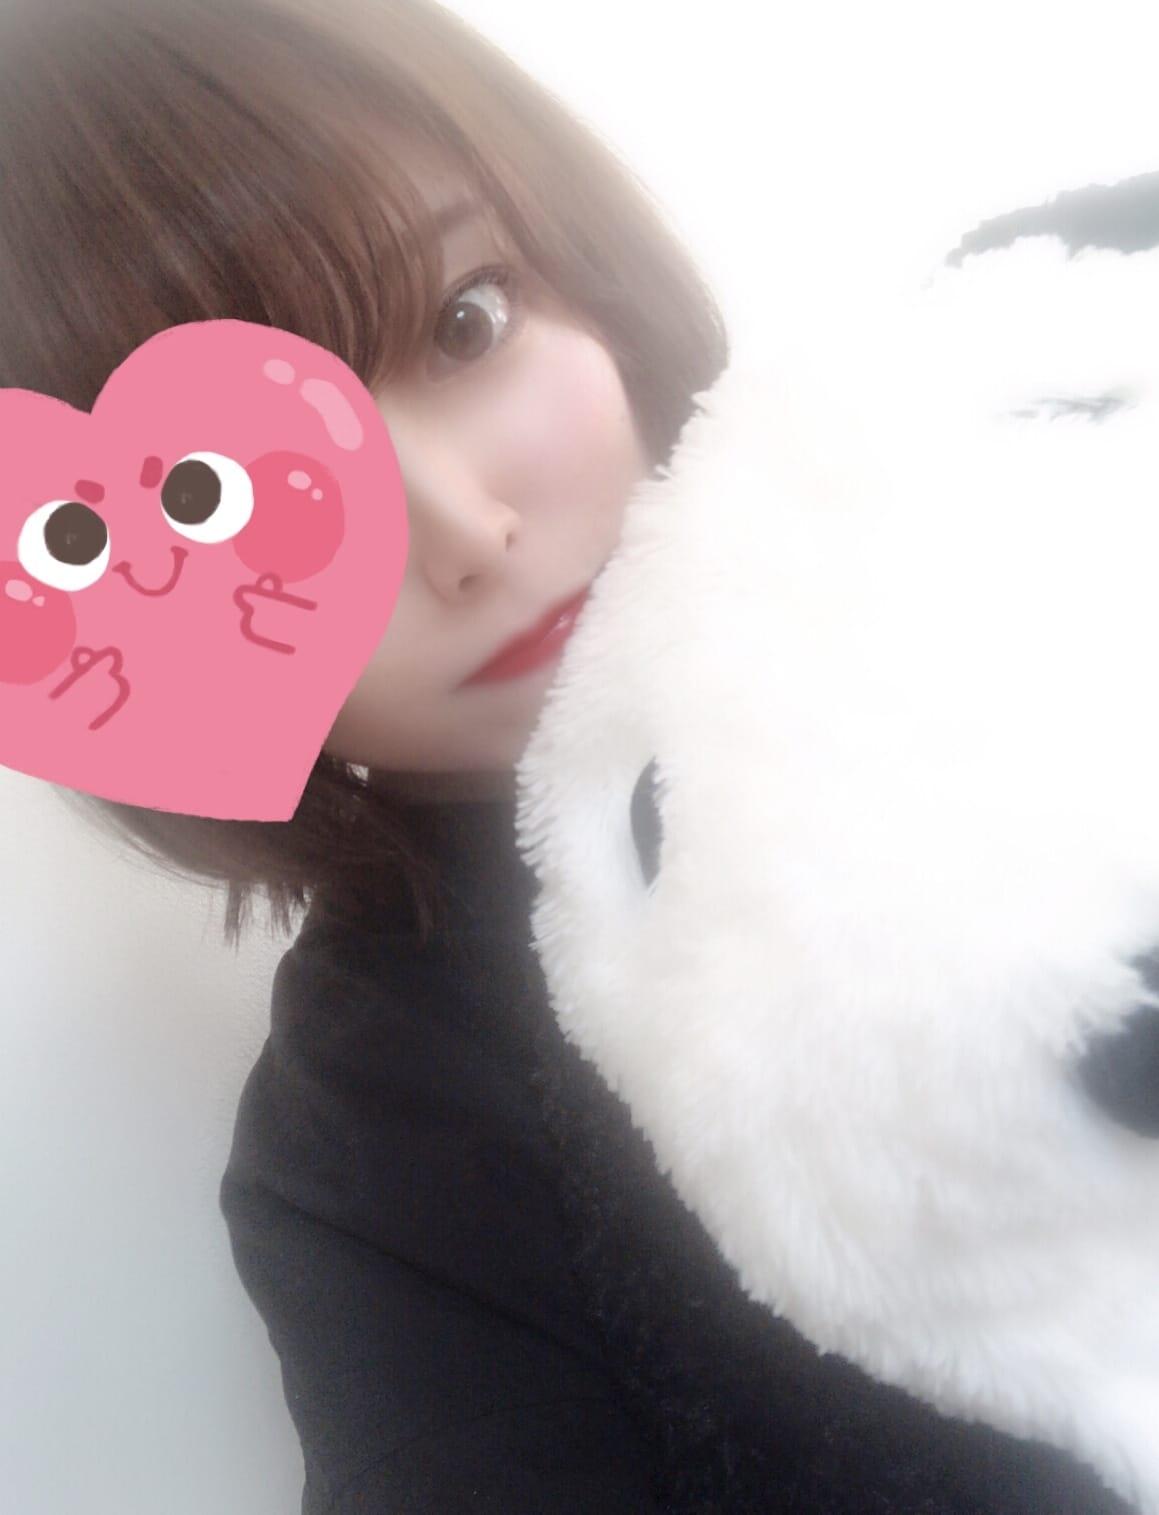 「出勤します(*´꒳`*)」02/15(02/15) 16:40 | きのぴおの写メ・風俗動画